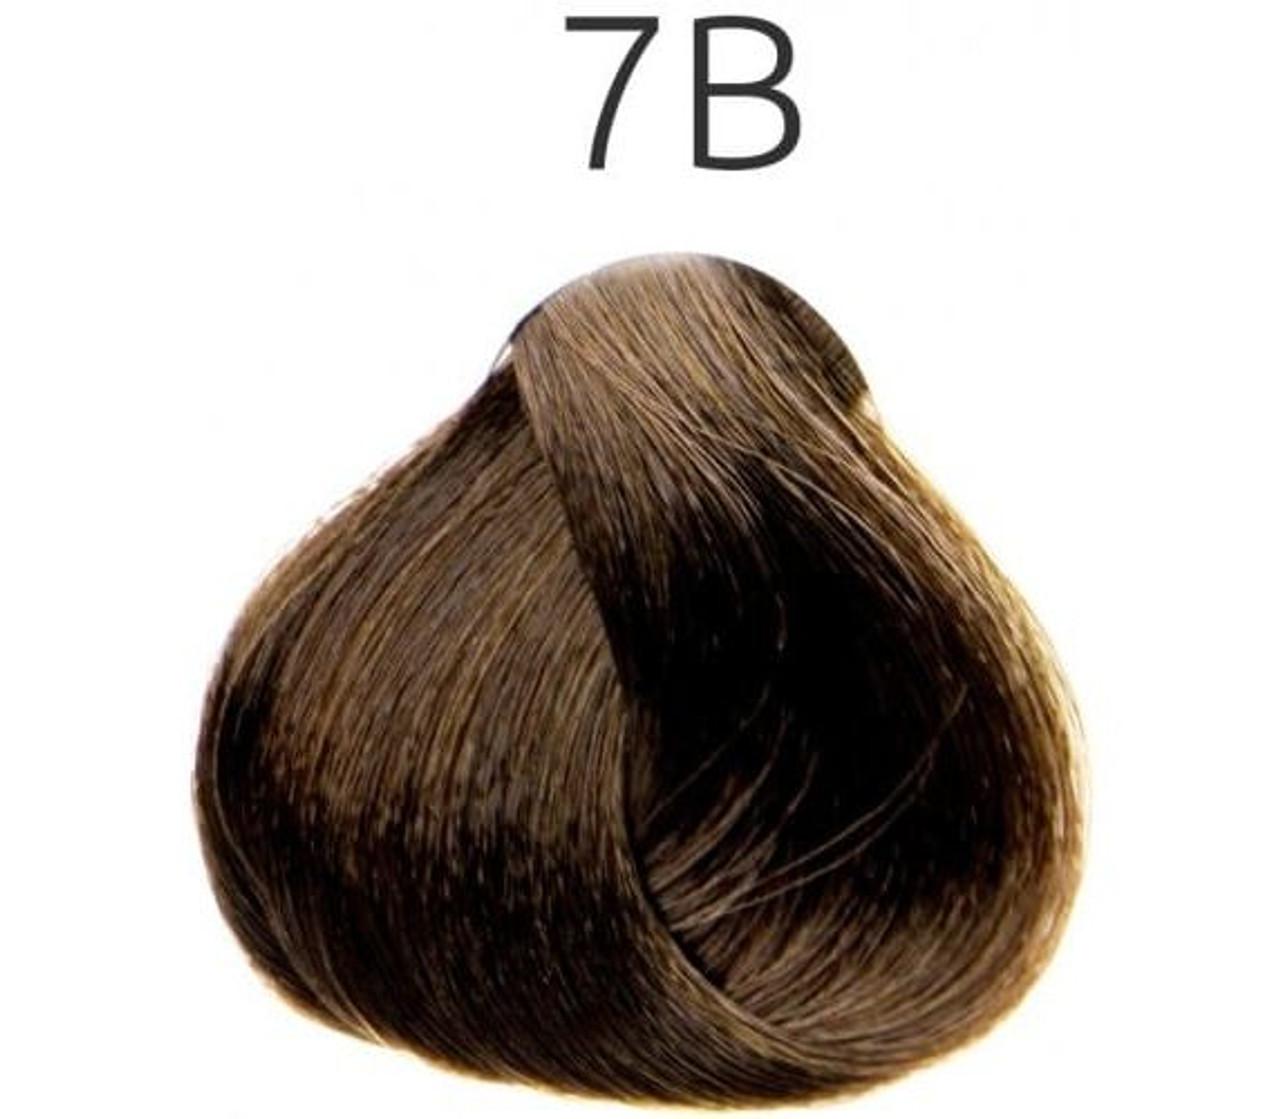 Aloxxi Hair Color 7B